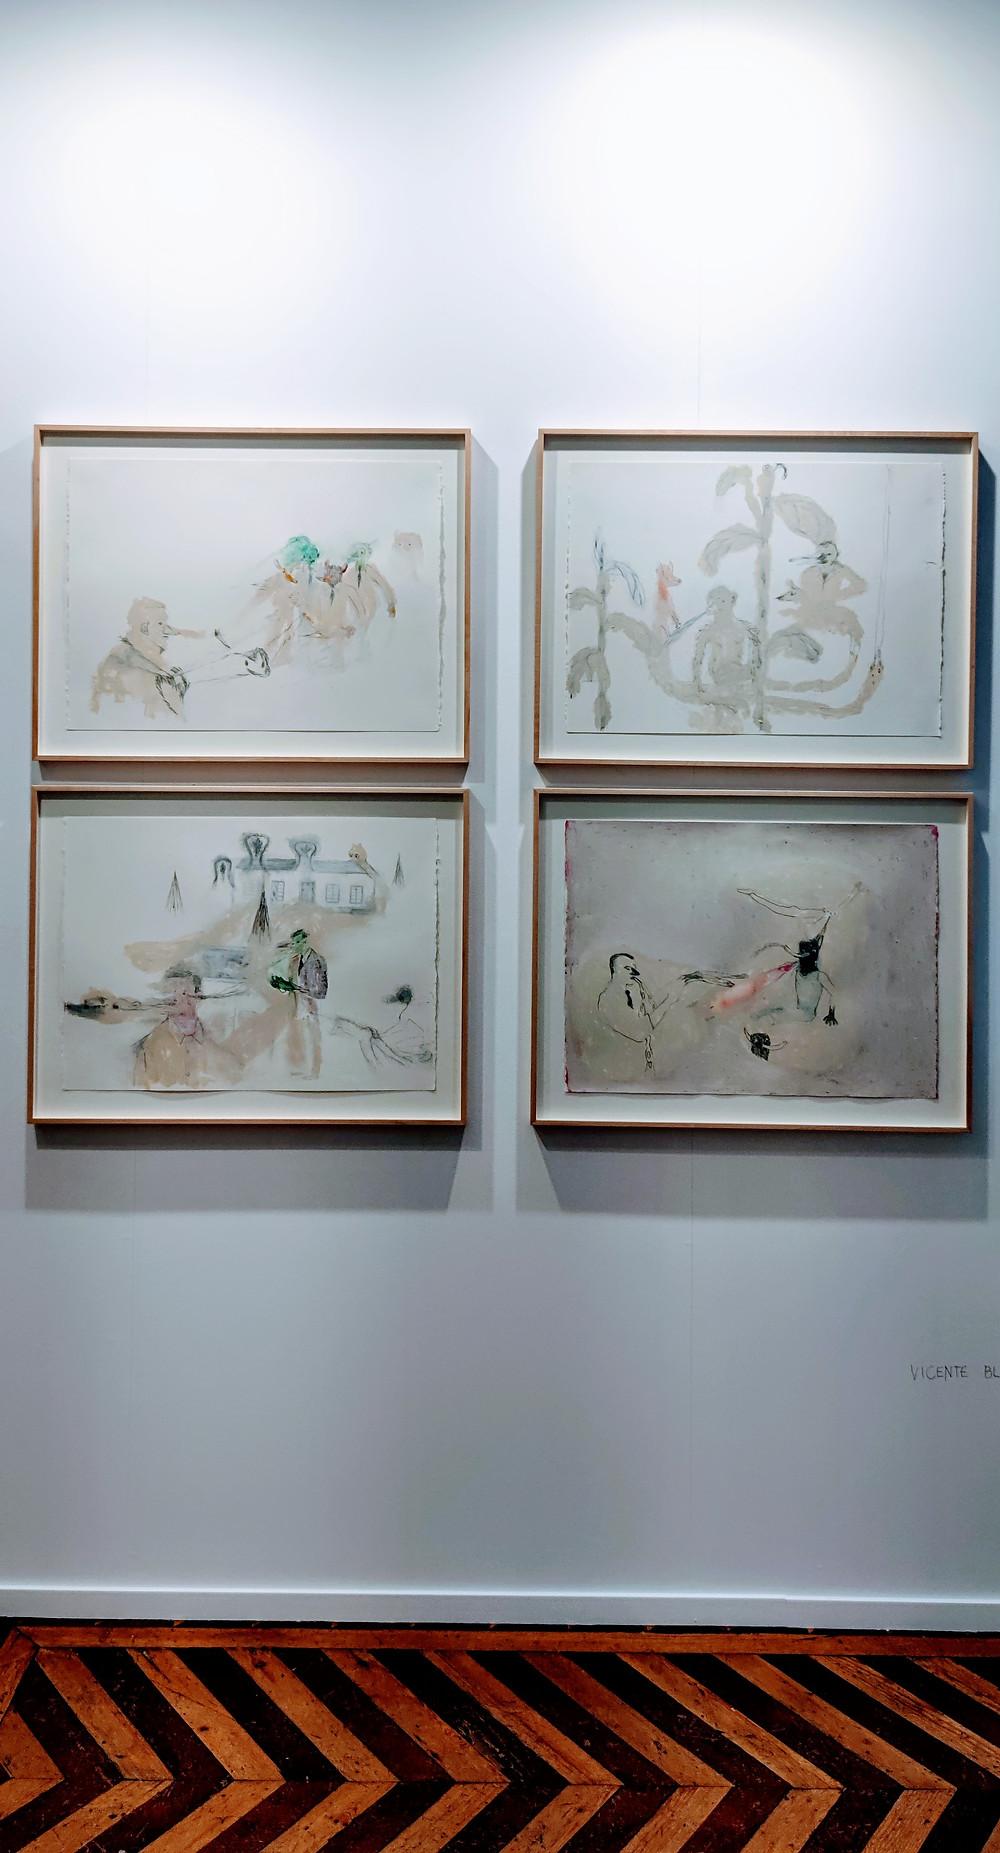 Vicente Blanco, todo lo que fue tocado (Drawing Room)